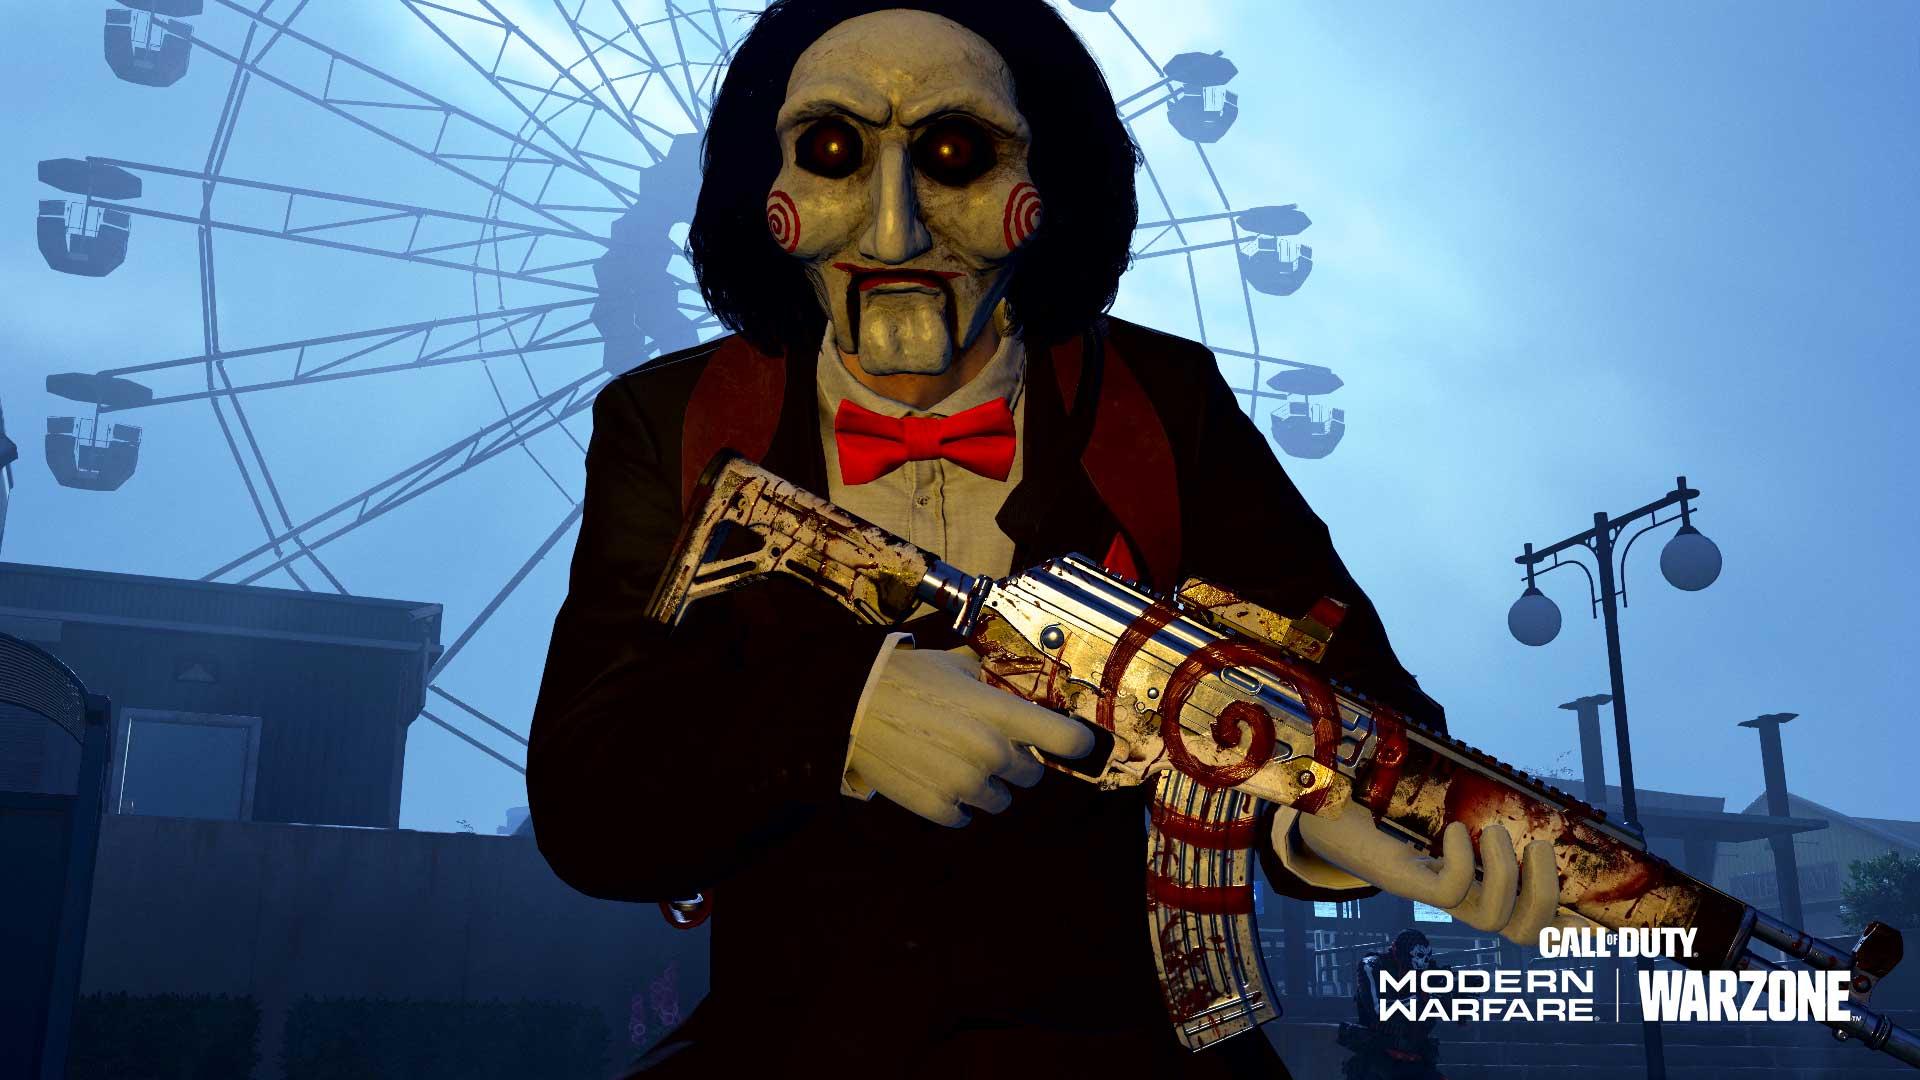 SAW puppet skin in Modern Warfare/Warzone